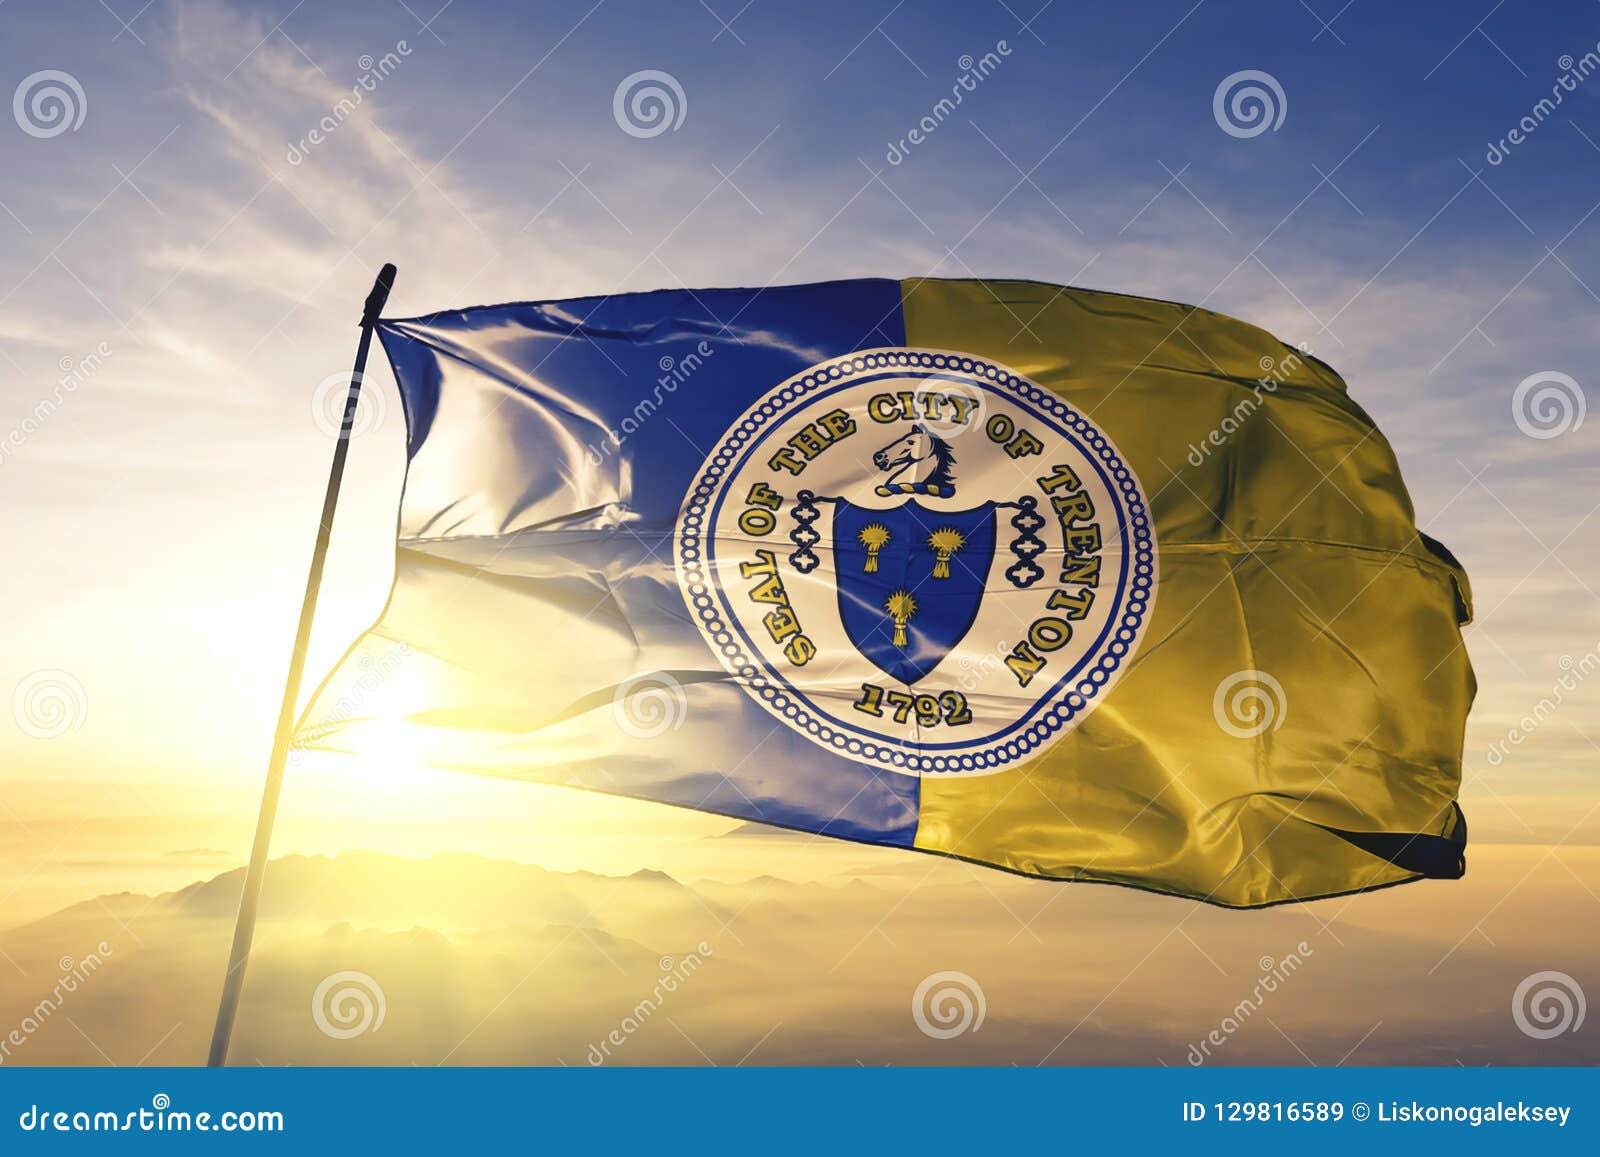 Capital da cidade de Trenton de New-jersey da tela de pano de matéria têxtil da bandeira do Estados Unidos que acena na névoa sup